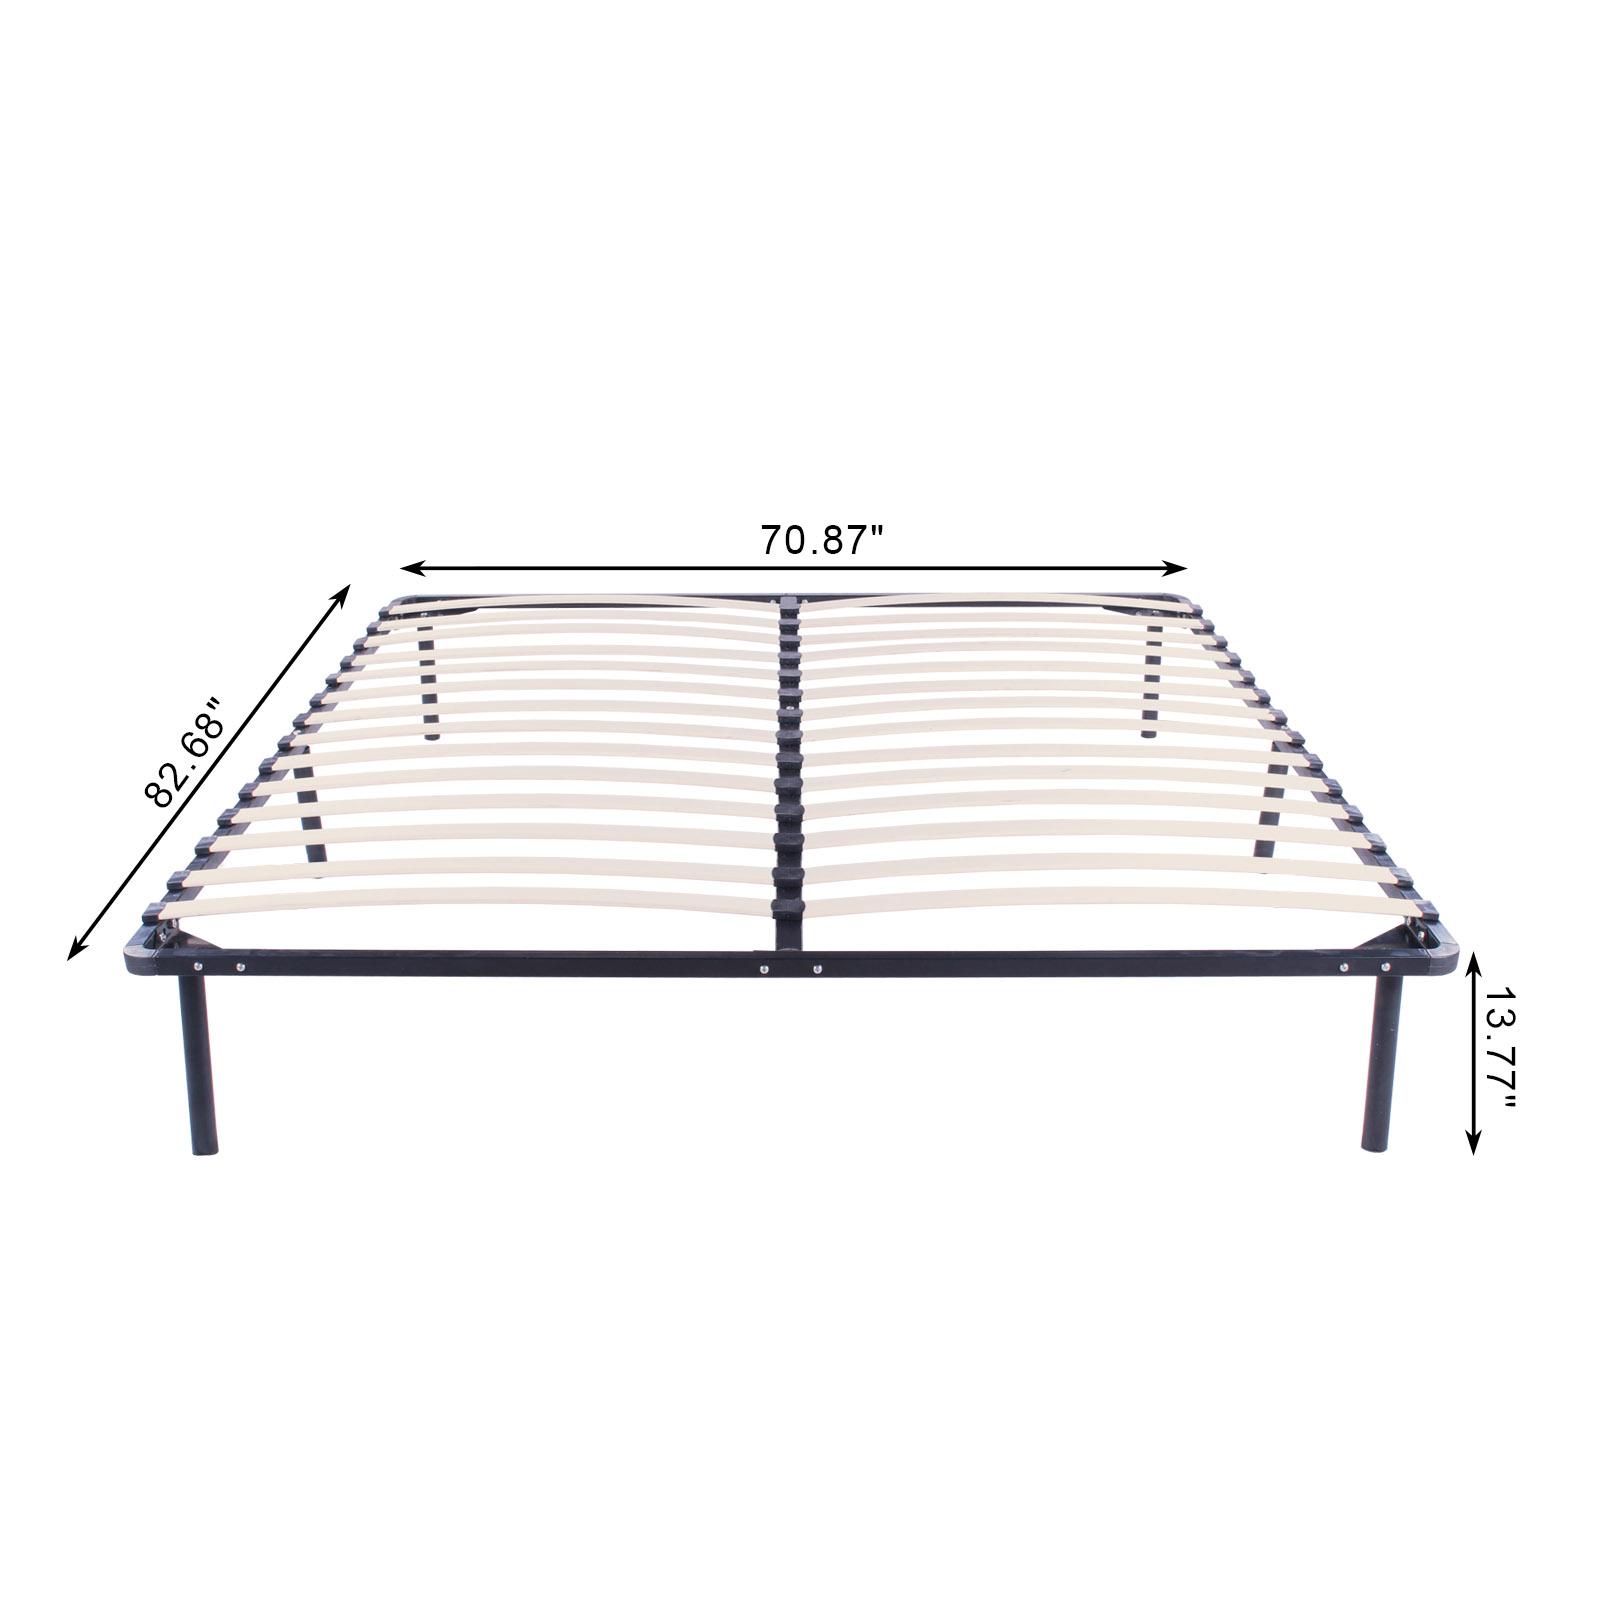 full king queen size wood slats metal platform bed frame mattress foundation. Black Bedroom Furniture Sets. Home Design Ideas